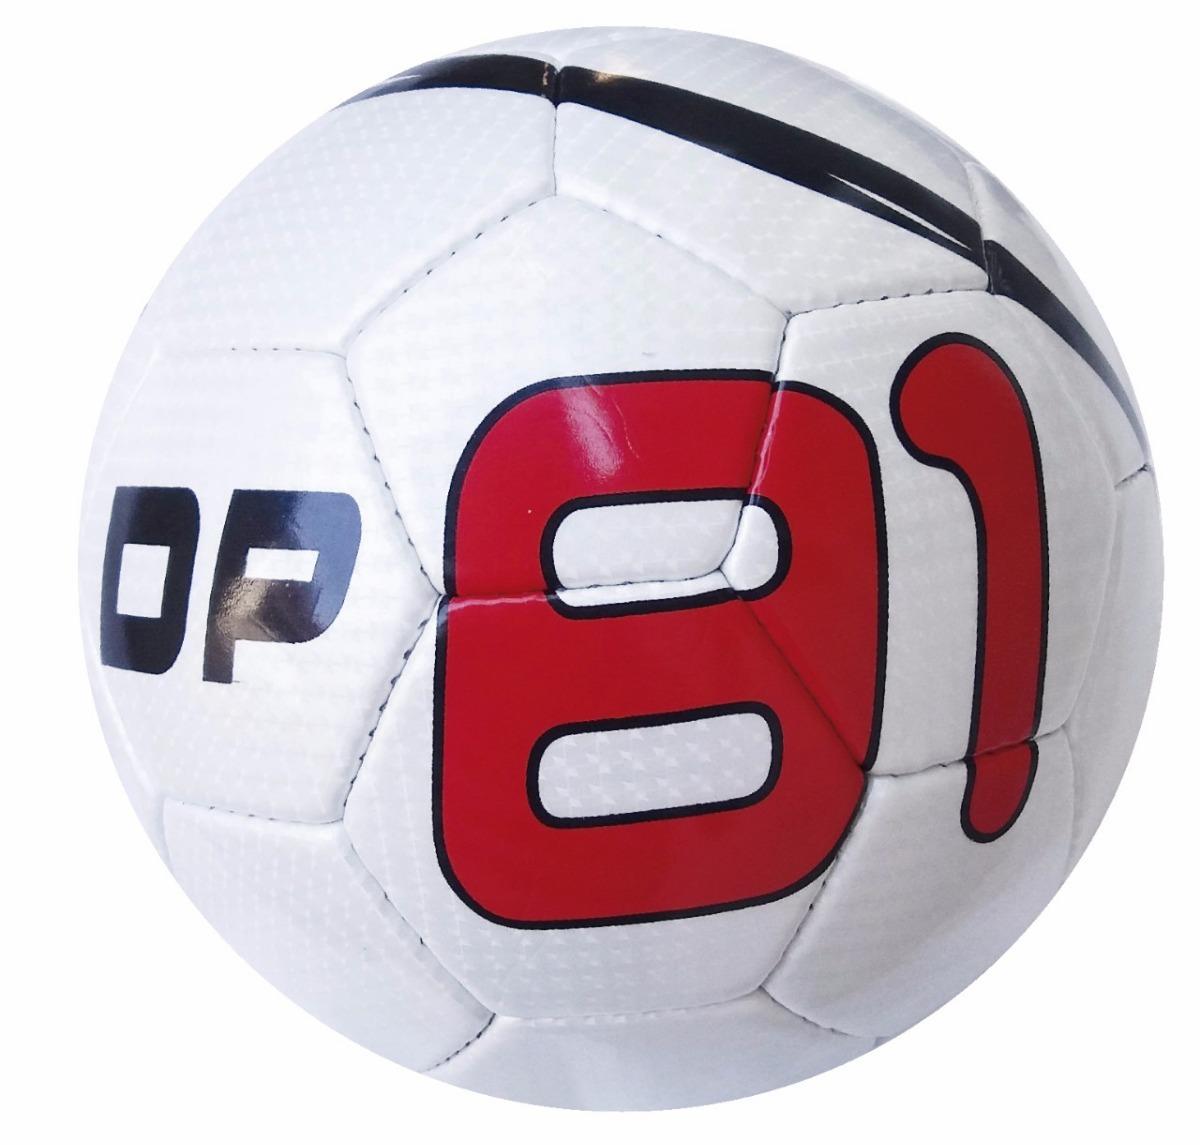 Bola Dp81 Original Futebol Futsal Federada - Pérola 2018 - R  63 c3b937ca09bd8